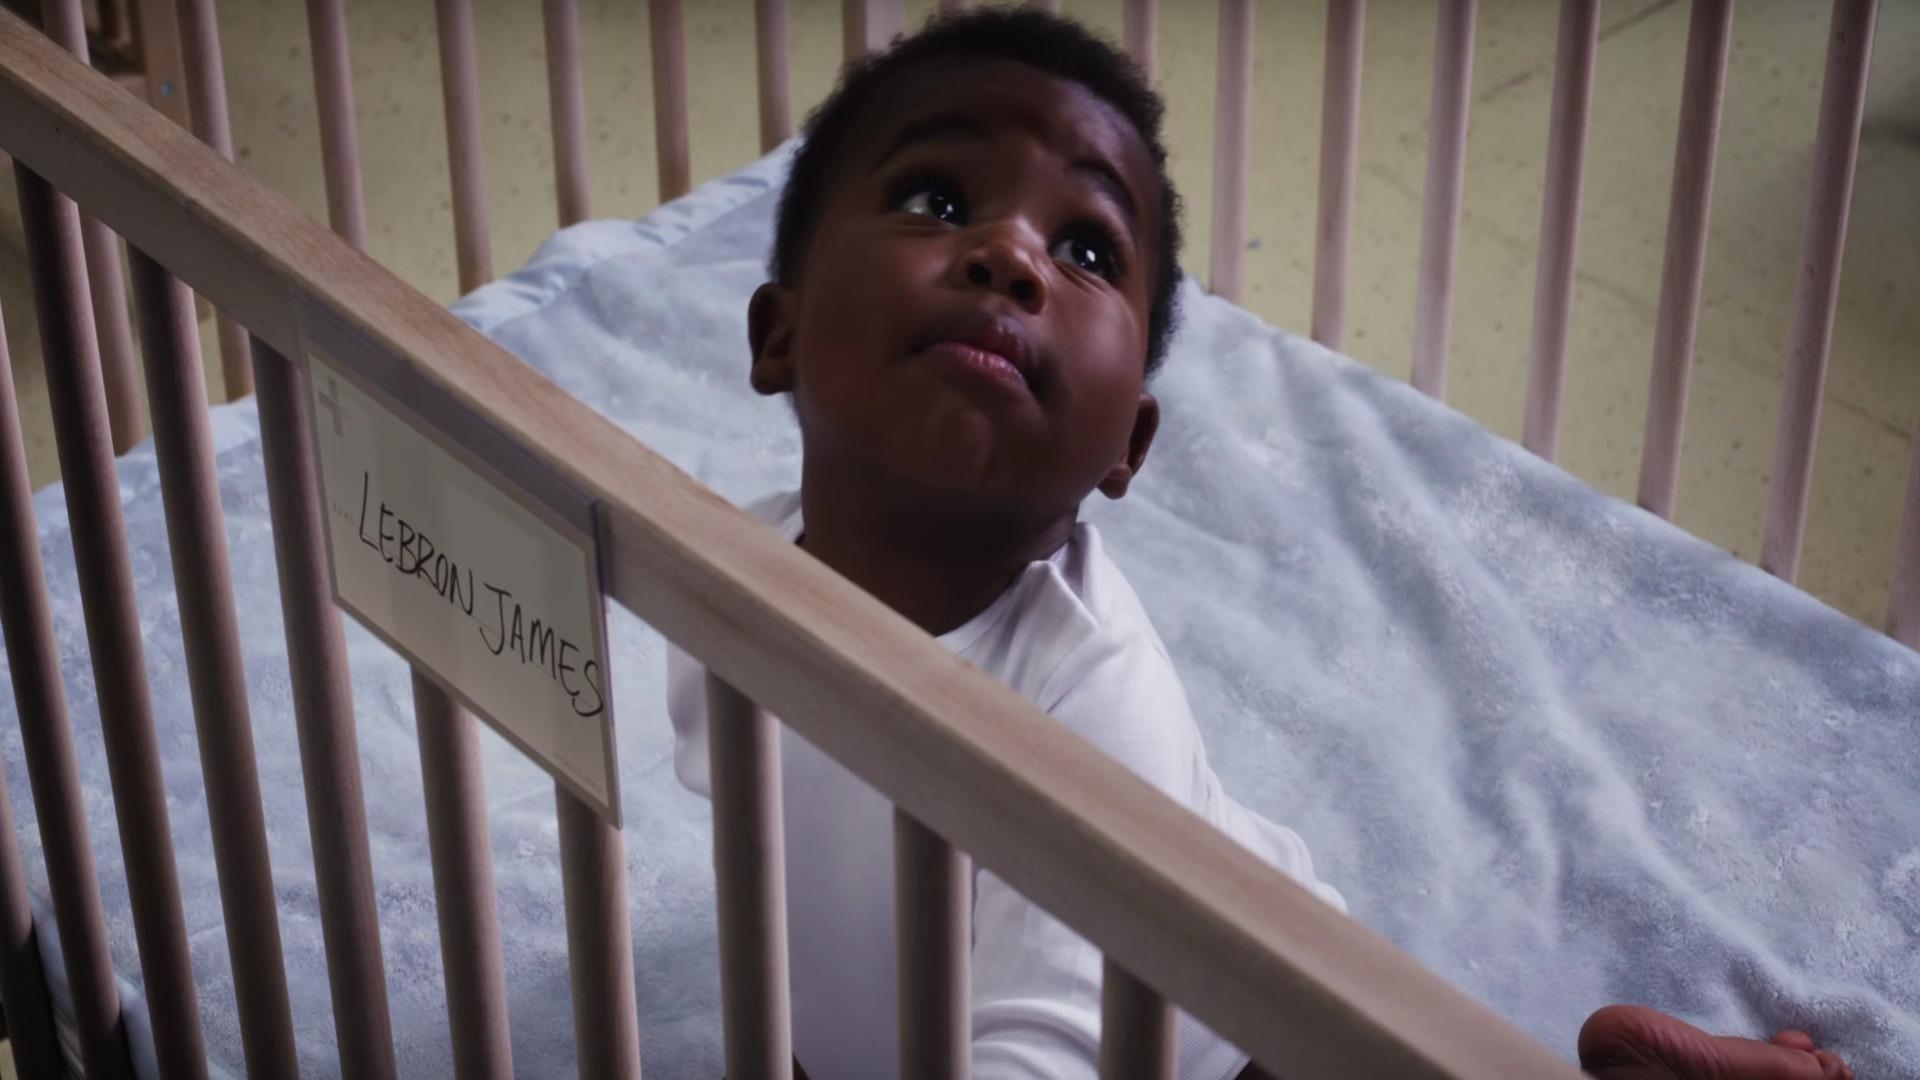 Der Kleine wird bald ganz groß rauskommen: Basketball-Star LeBron James.